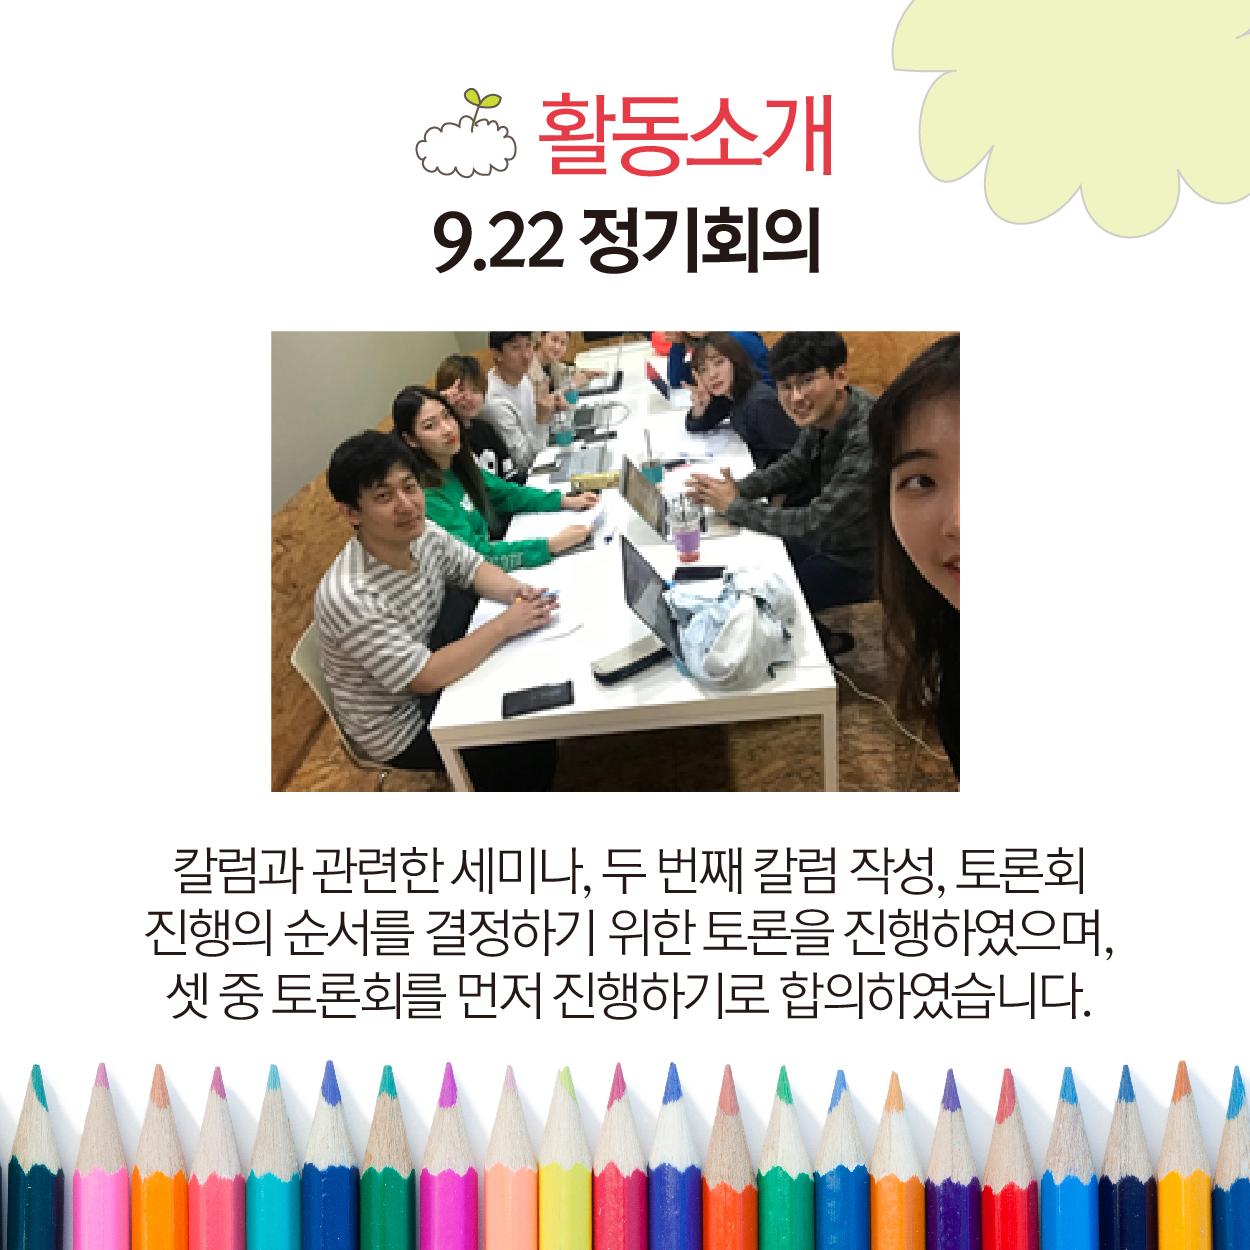 [서울시 생활속민주주의 학습지원센터] 2017 시민학습 사회참여모임 '민주주의 디자이너'